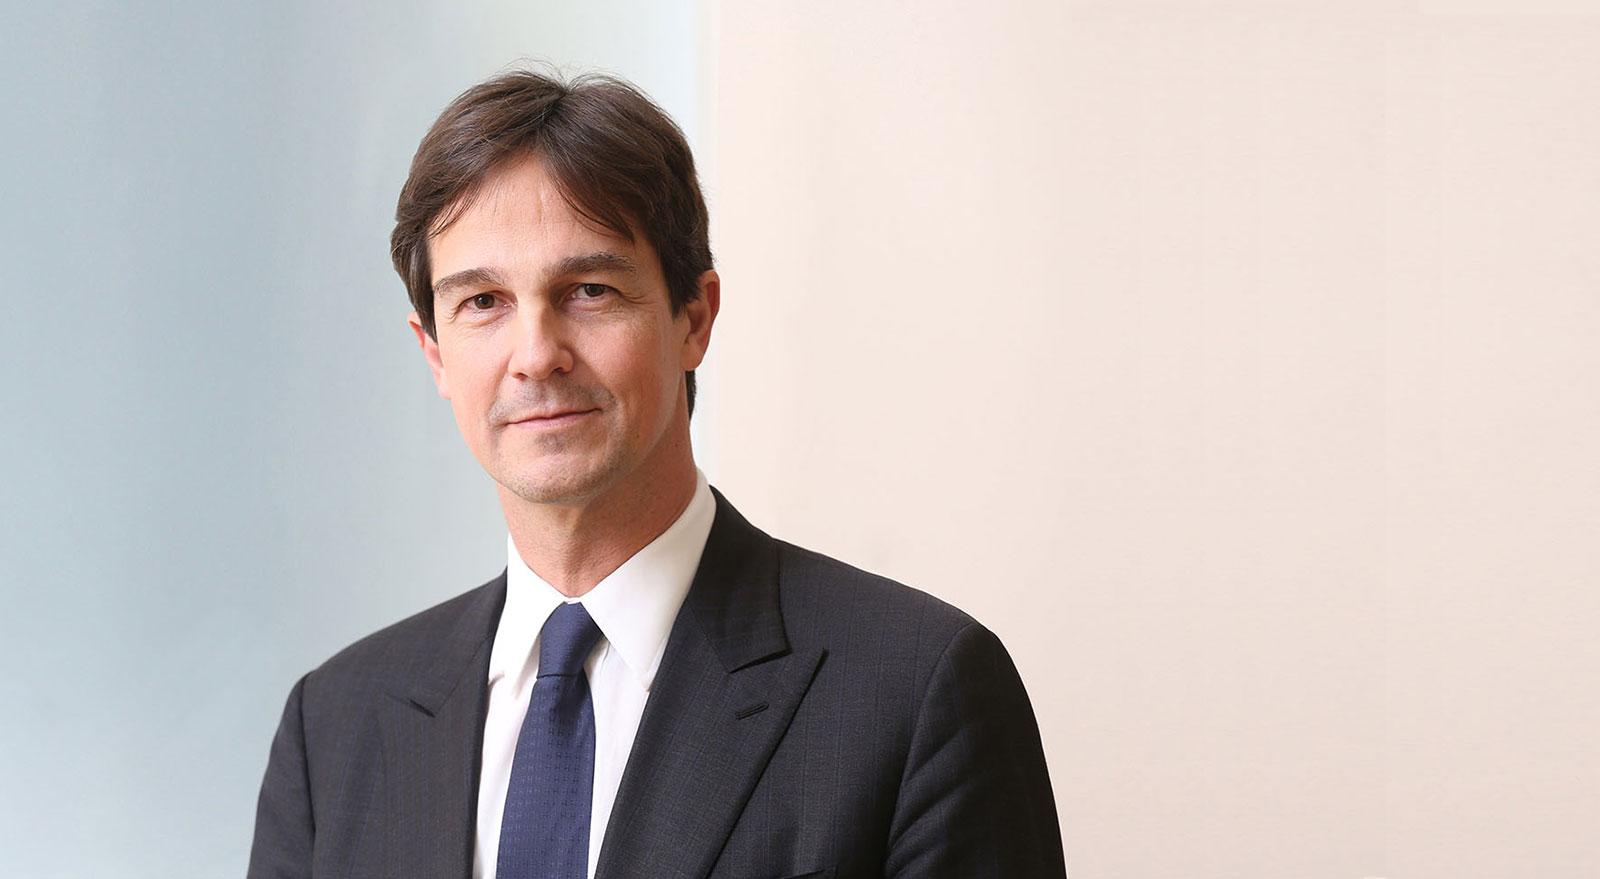 Laurent-Dordet-CEO-of-Hermes watches